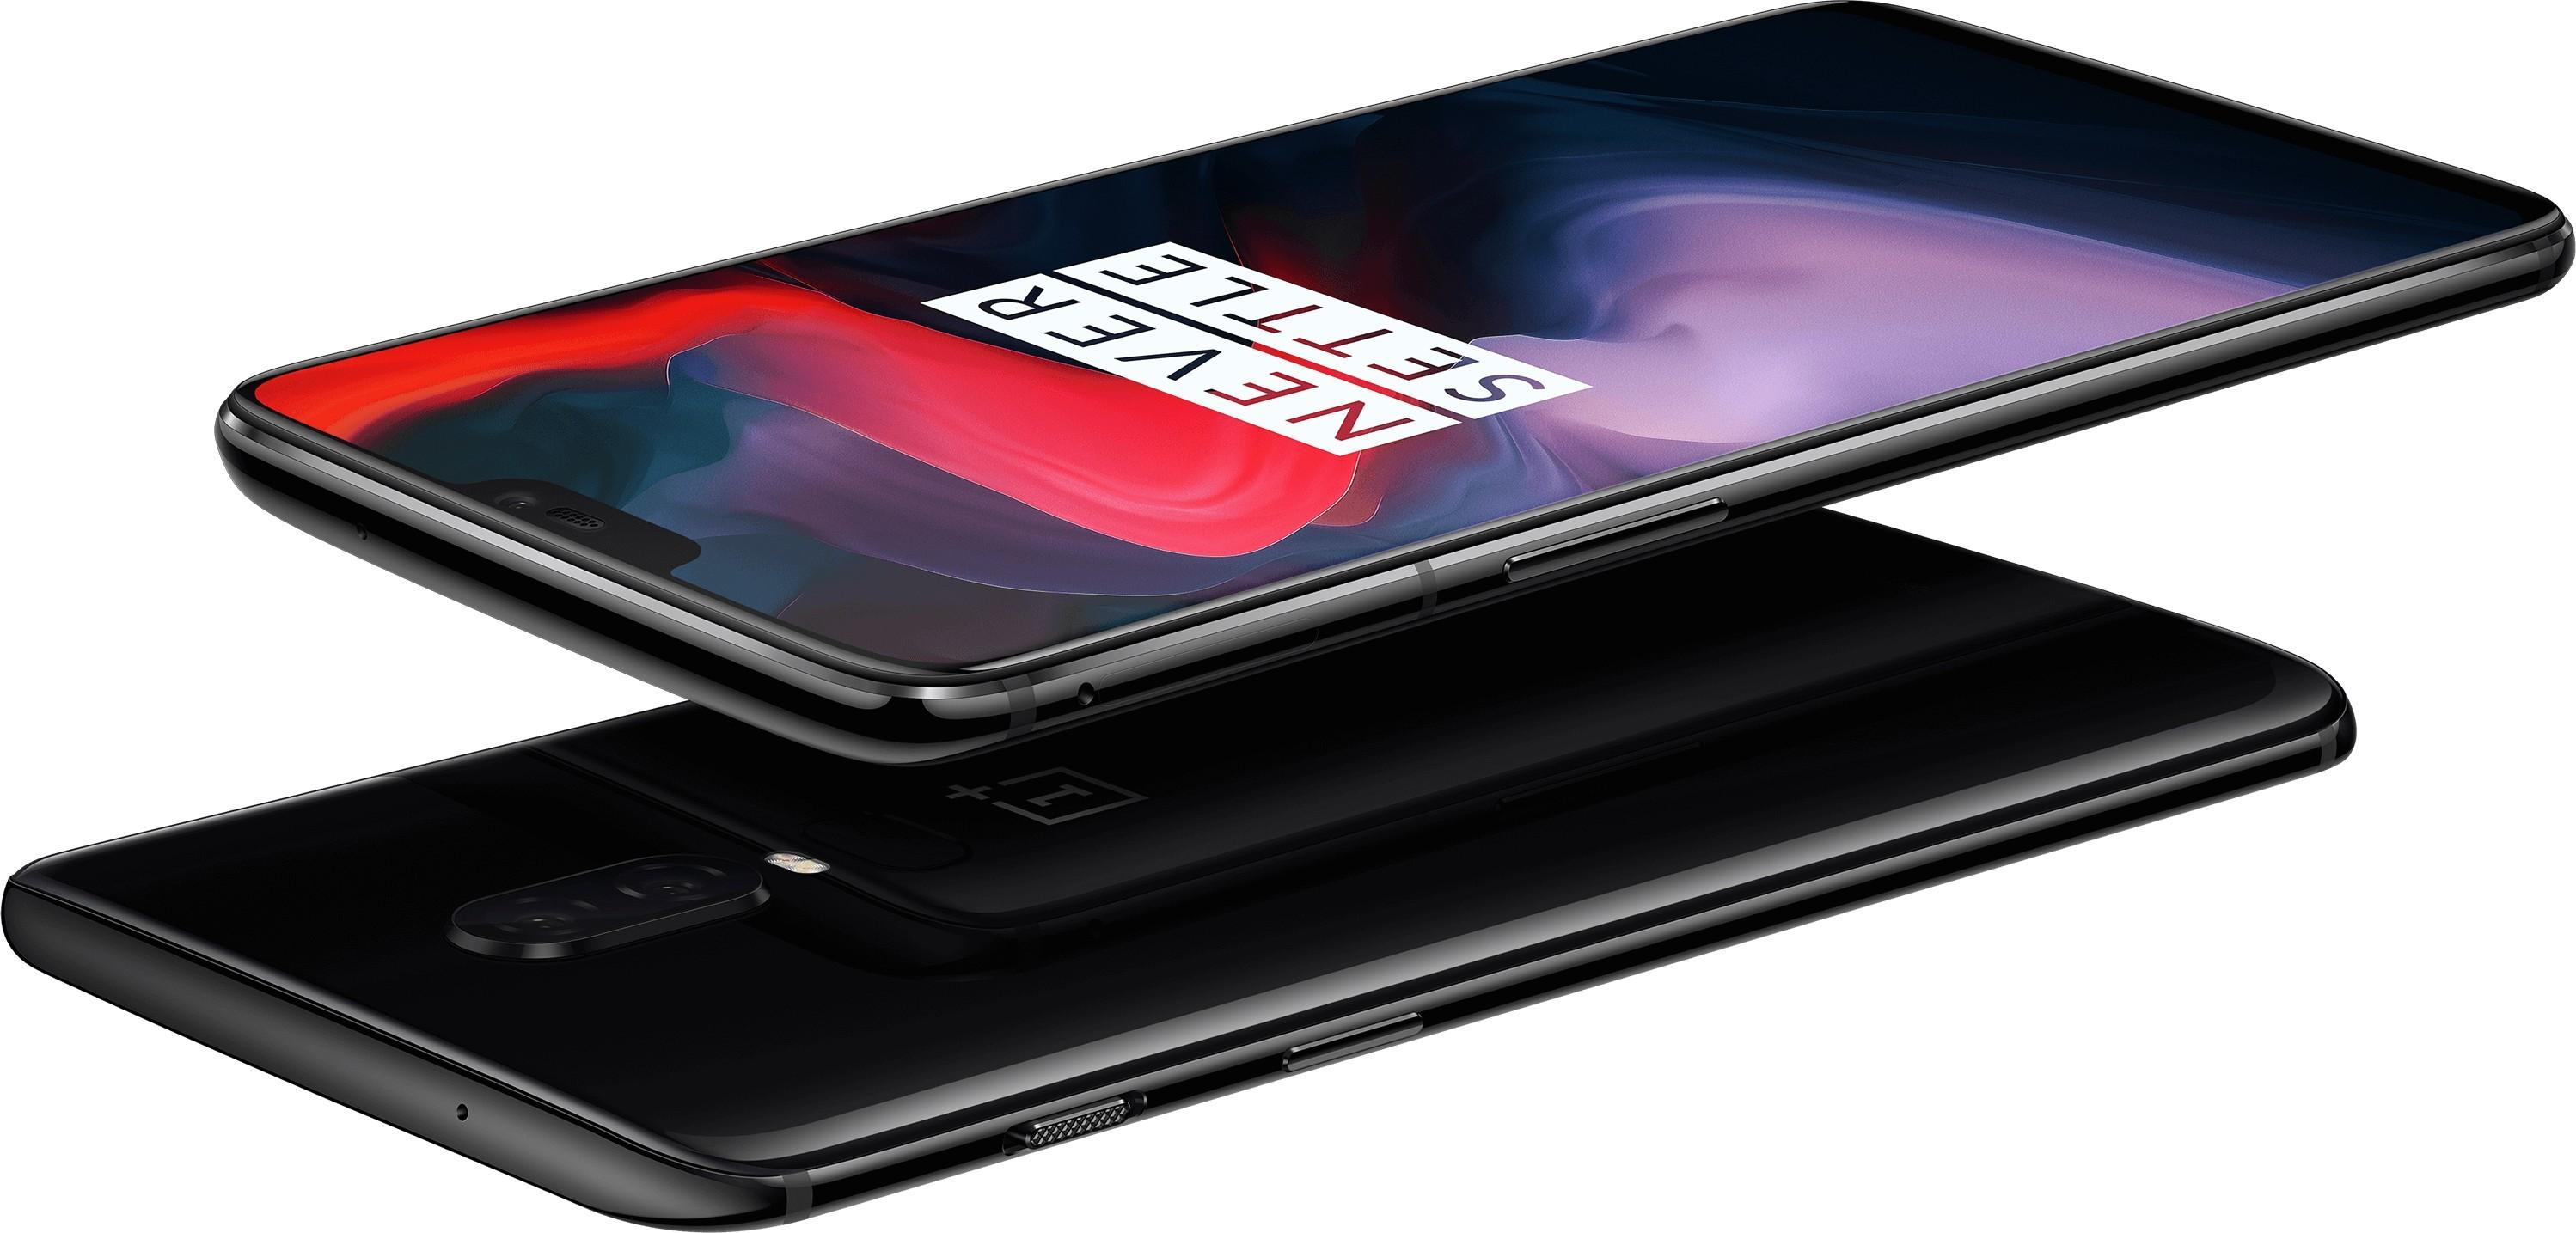 Podjetje OnePlus je s pametnim mobilnim telefonom OnePlus 6 zagotovo zadelo v polno!